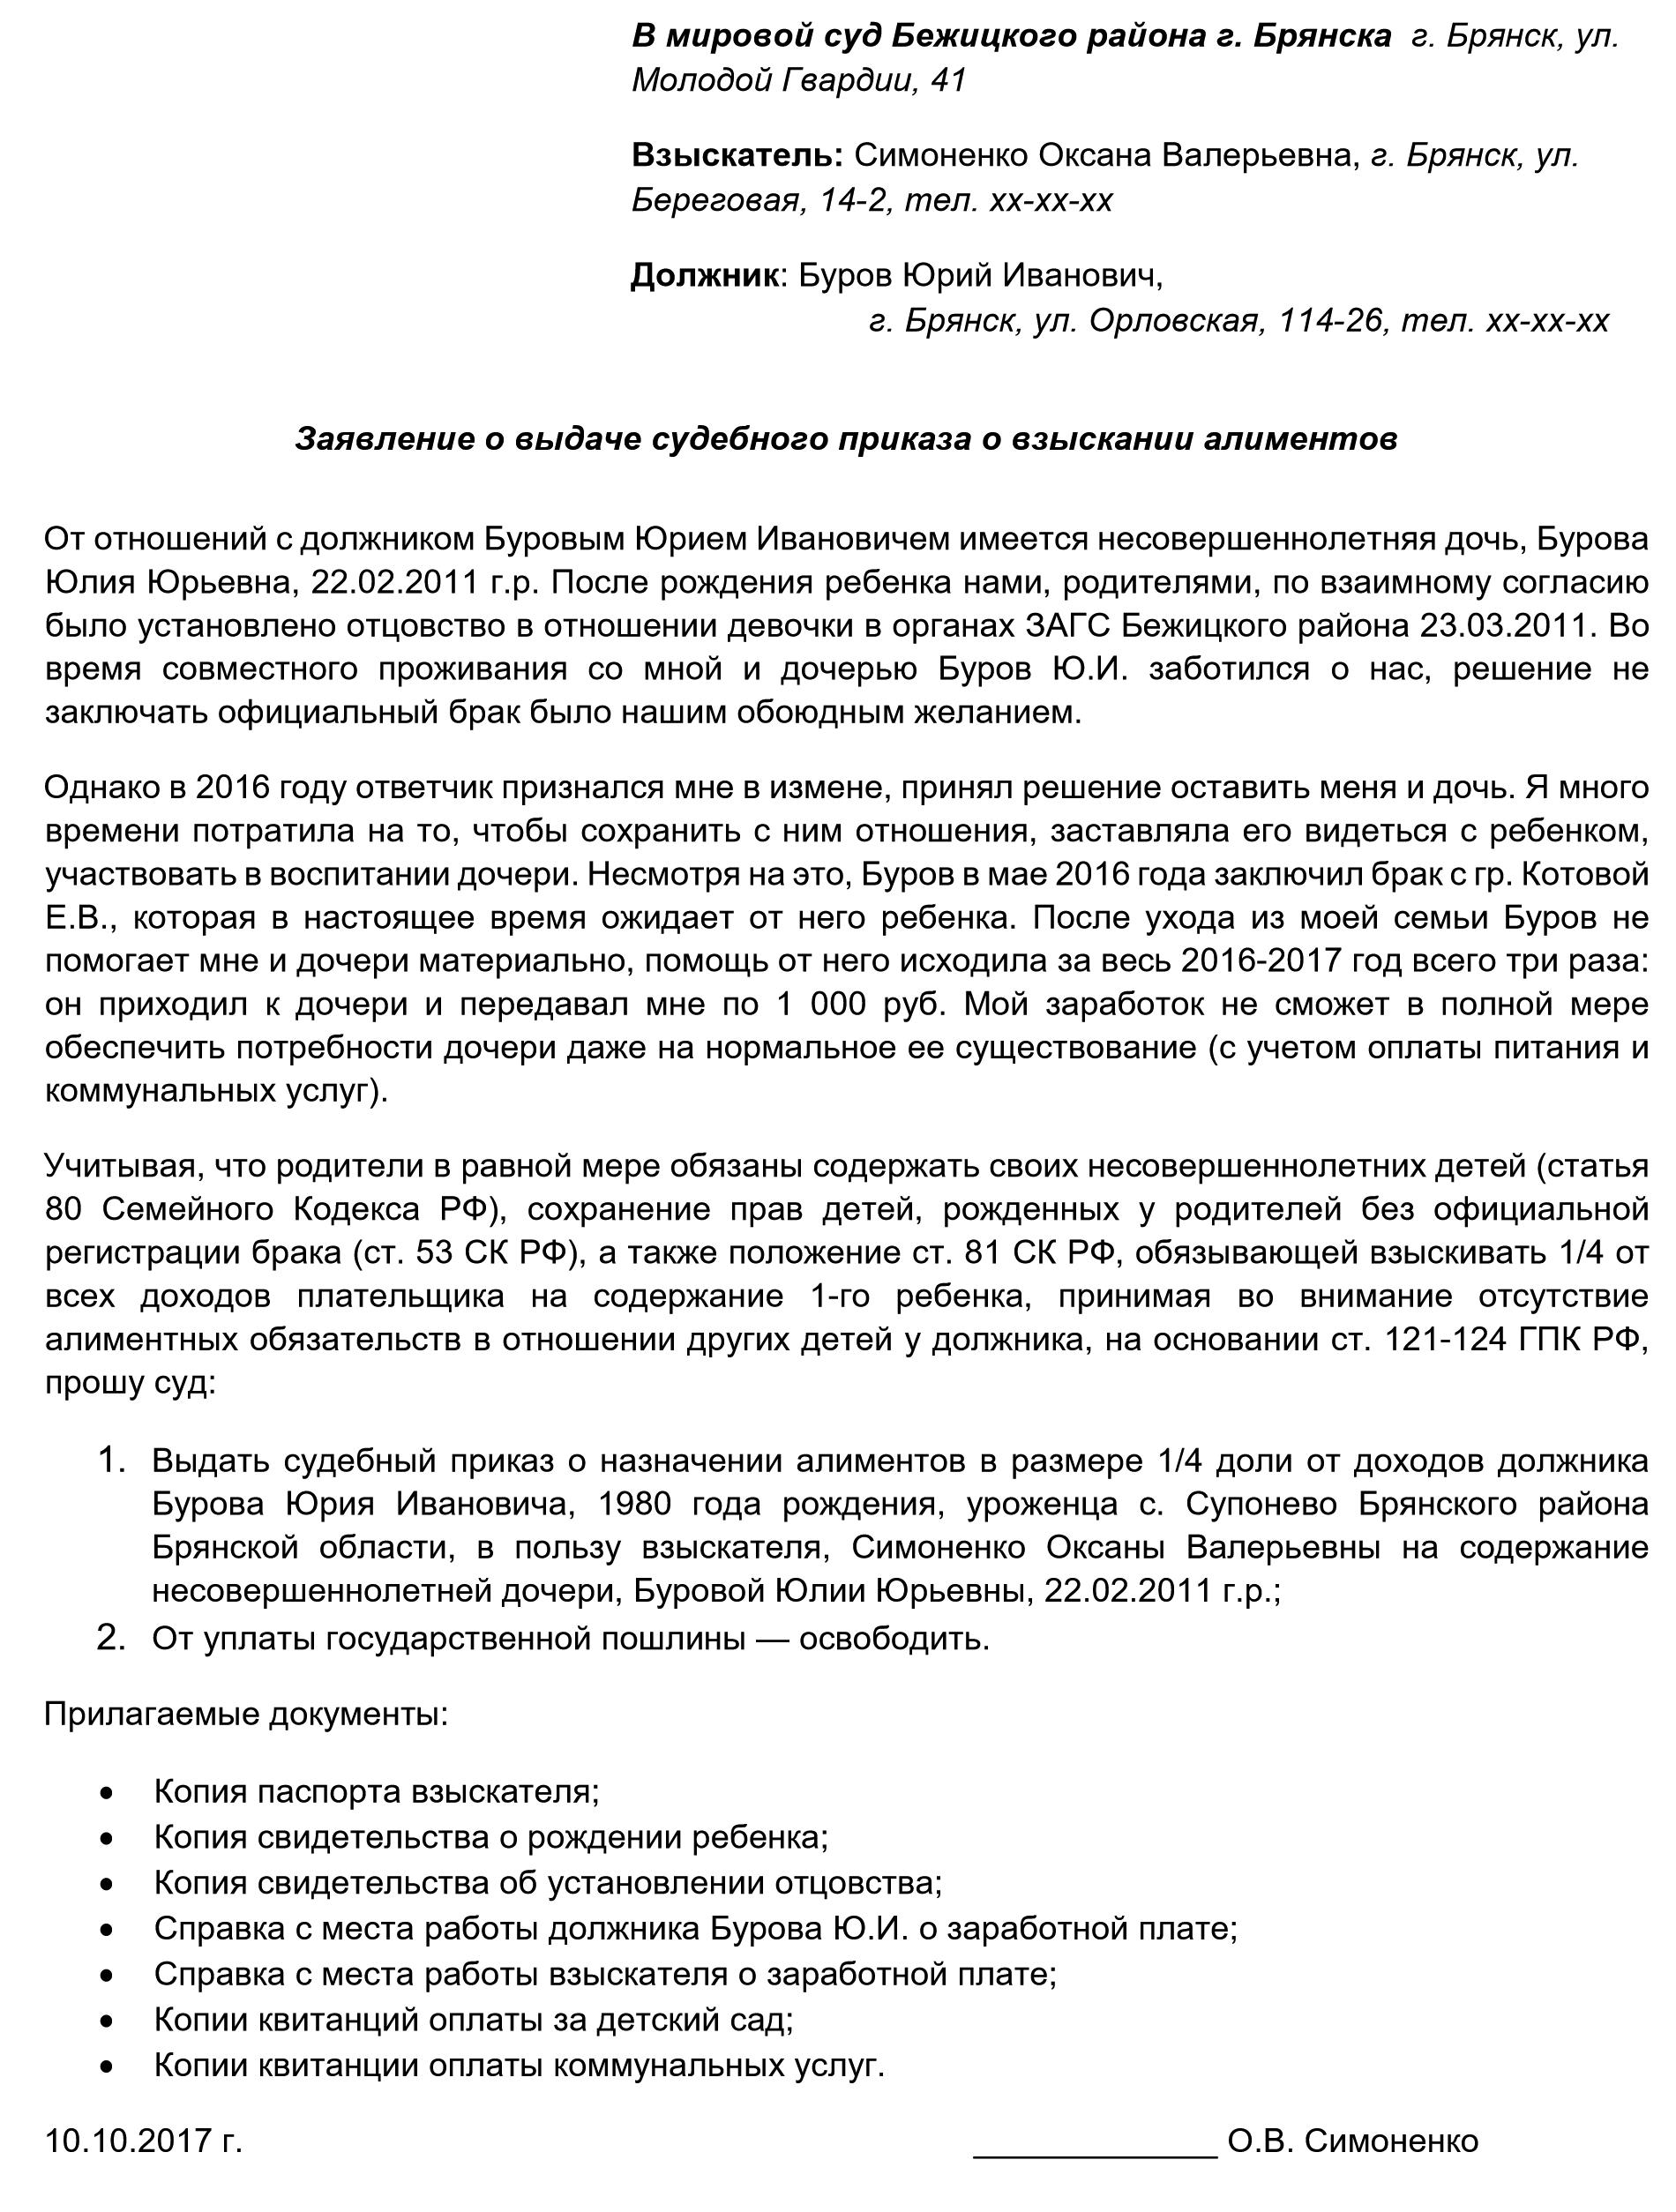 Заявление о выдаче судебного приказа